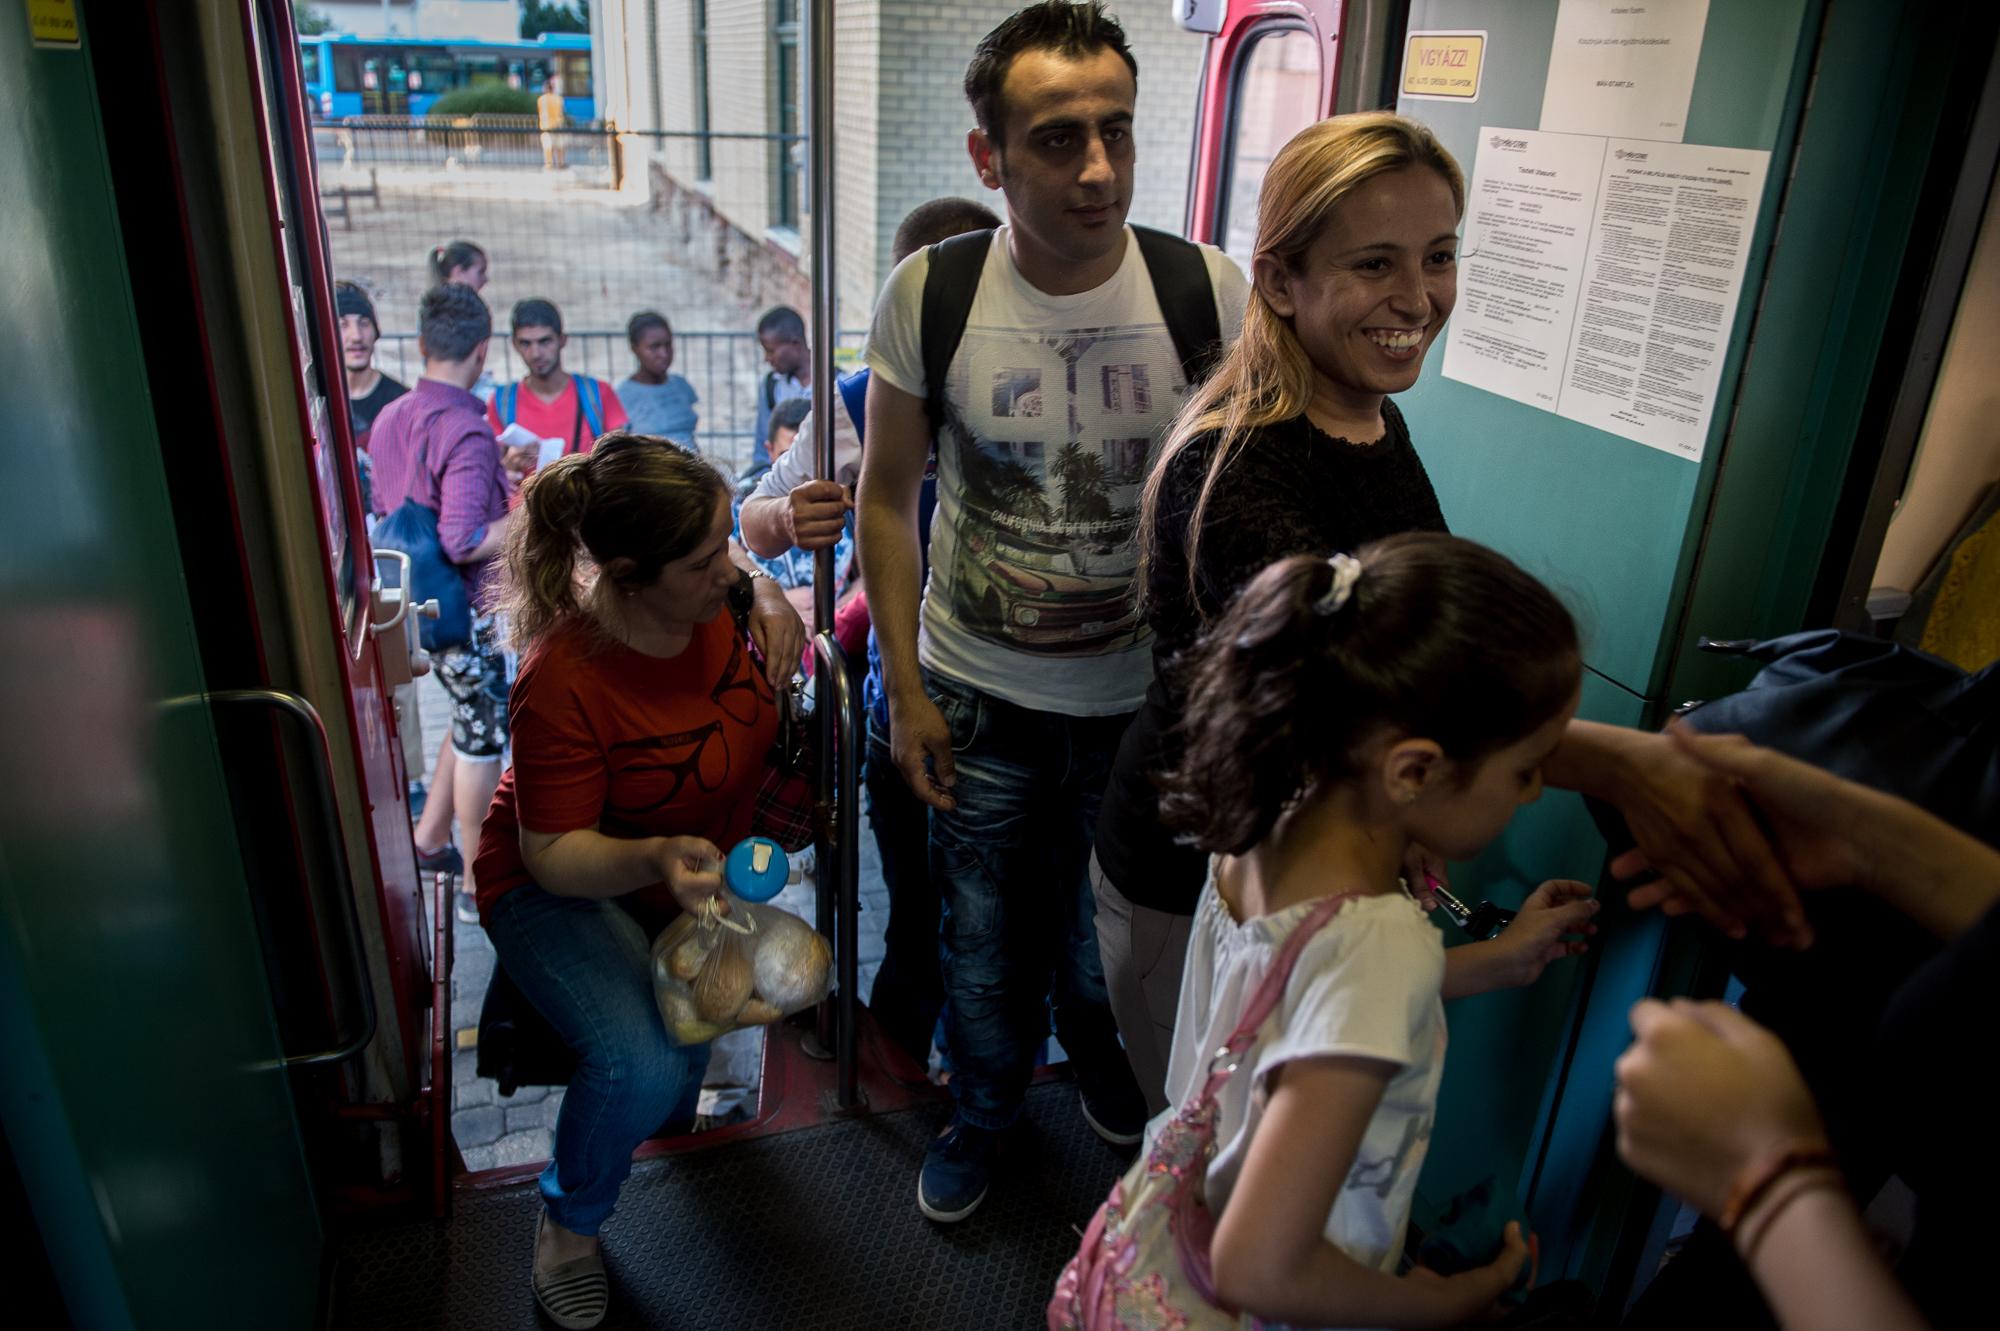 Menekültek szállnak fel a vonatukra a civilek által működő várakozó helyen a pécsi vasútállomás mellett 2015. augusztus 31-én.